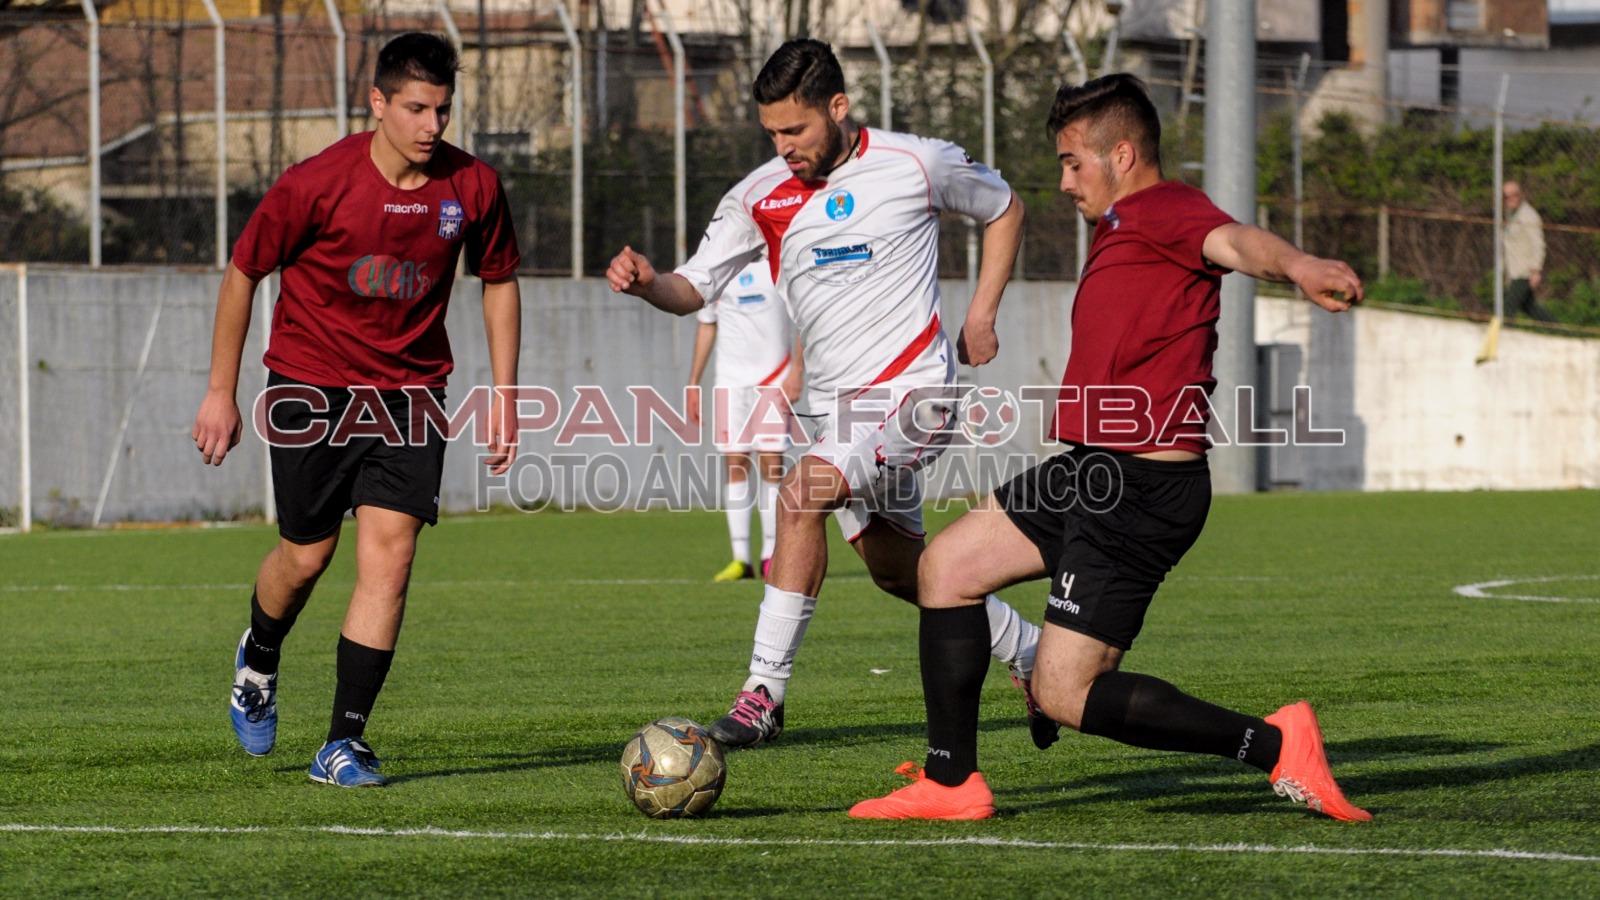 Presentazione Promozione girone D: supersfide a Tramonti e a Baronissi, in programma il derby Temeraria-Giffonese